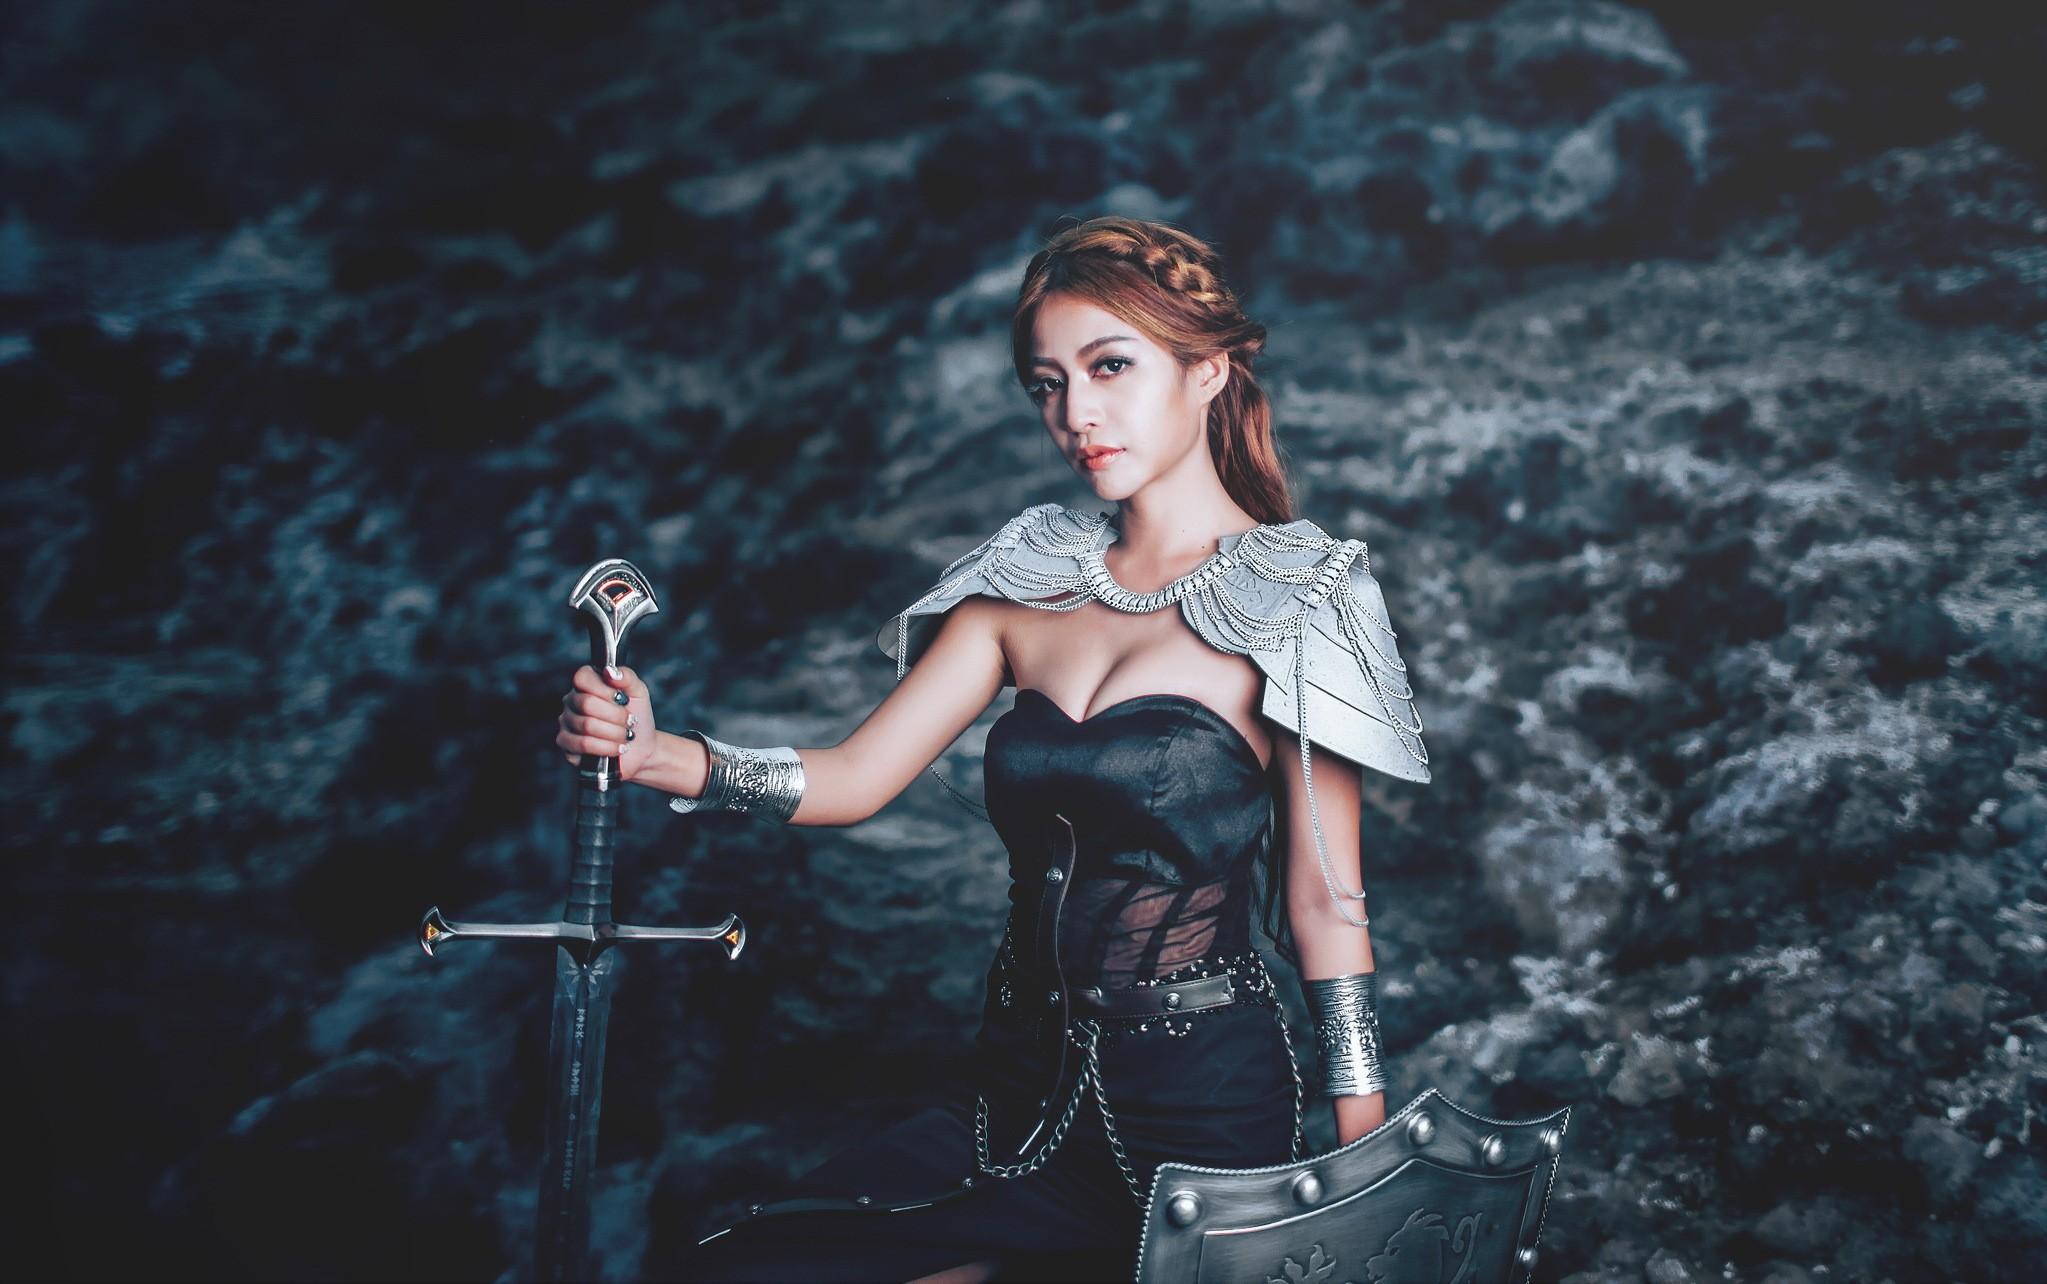 угощения декорации поиск моделей для фотосессии рыцарь москва символом